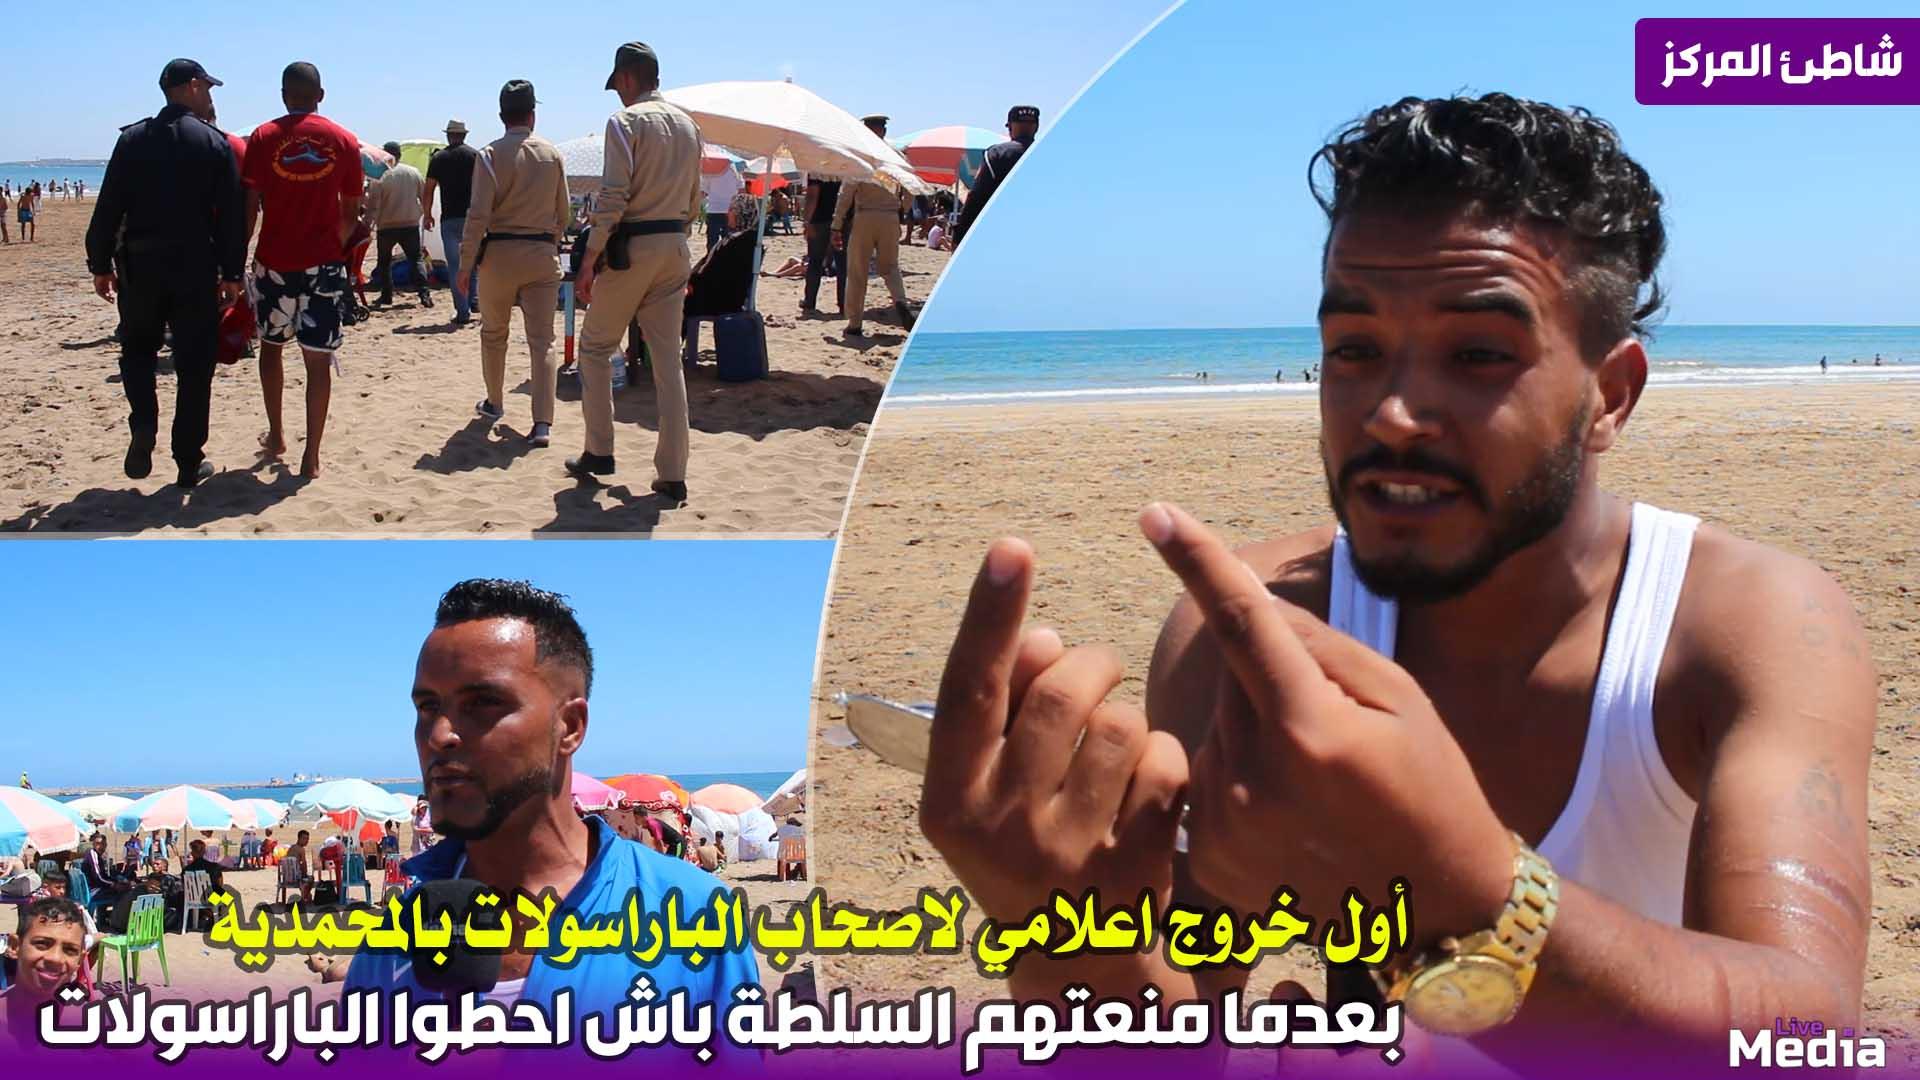 أول خروج إعلامي لأصحاب الباراسولات بالمحمدية .. بعدما منعتهم السلطات باش احطو